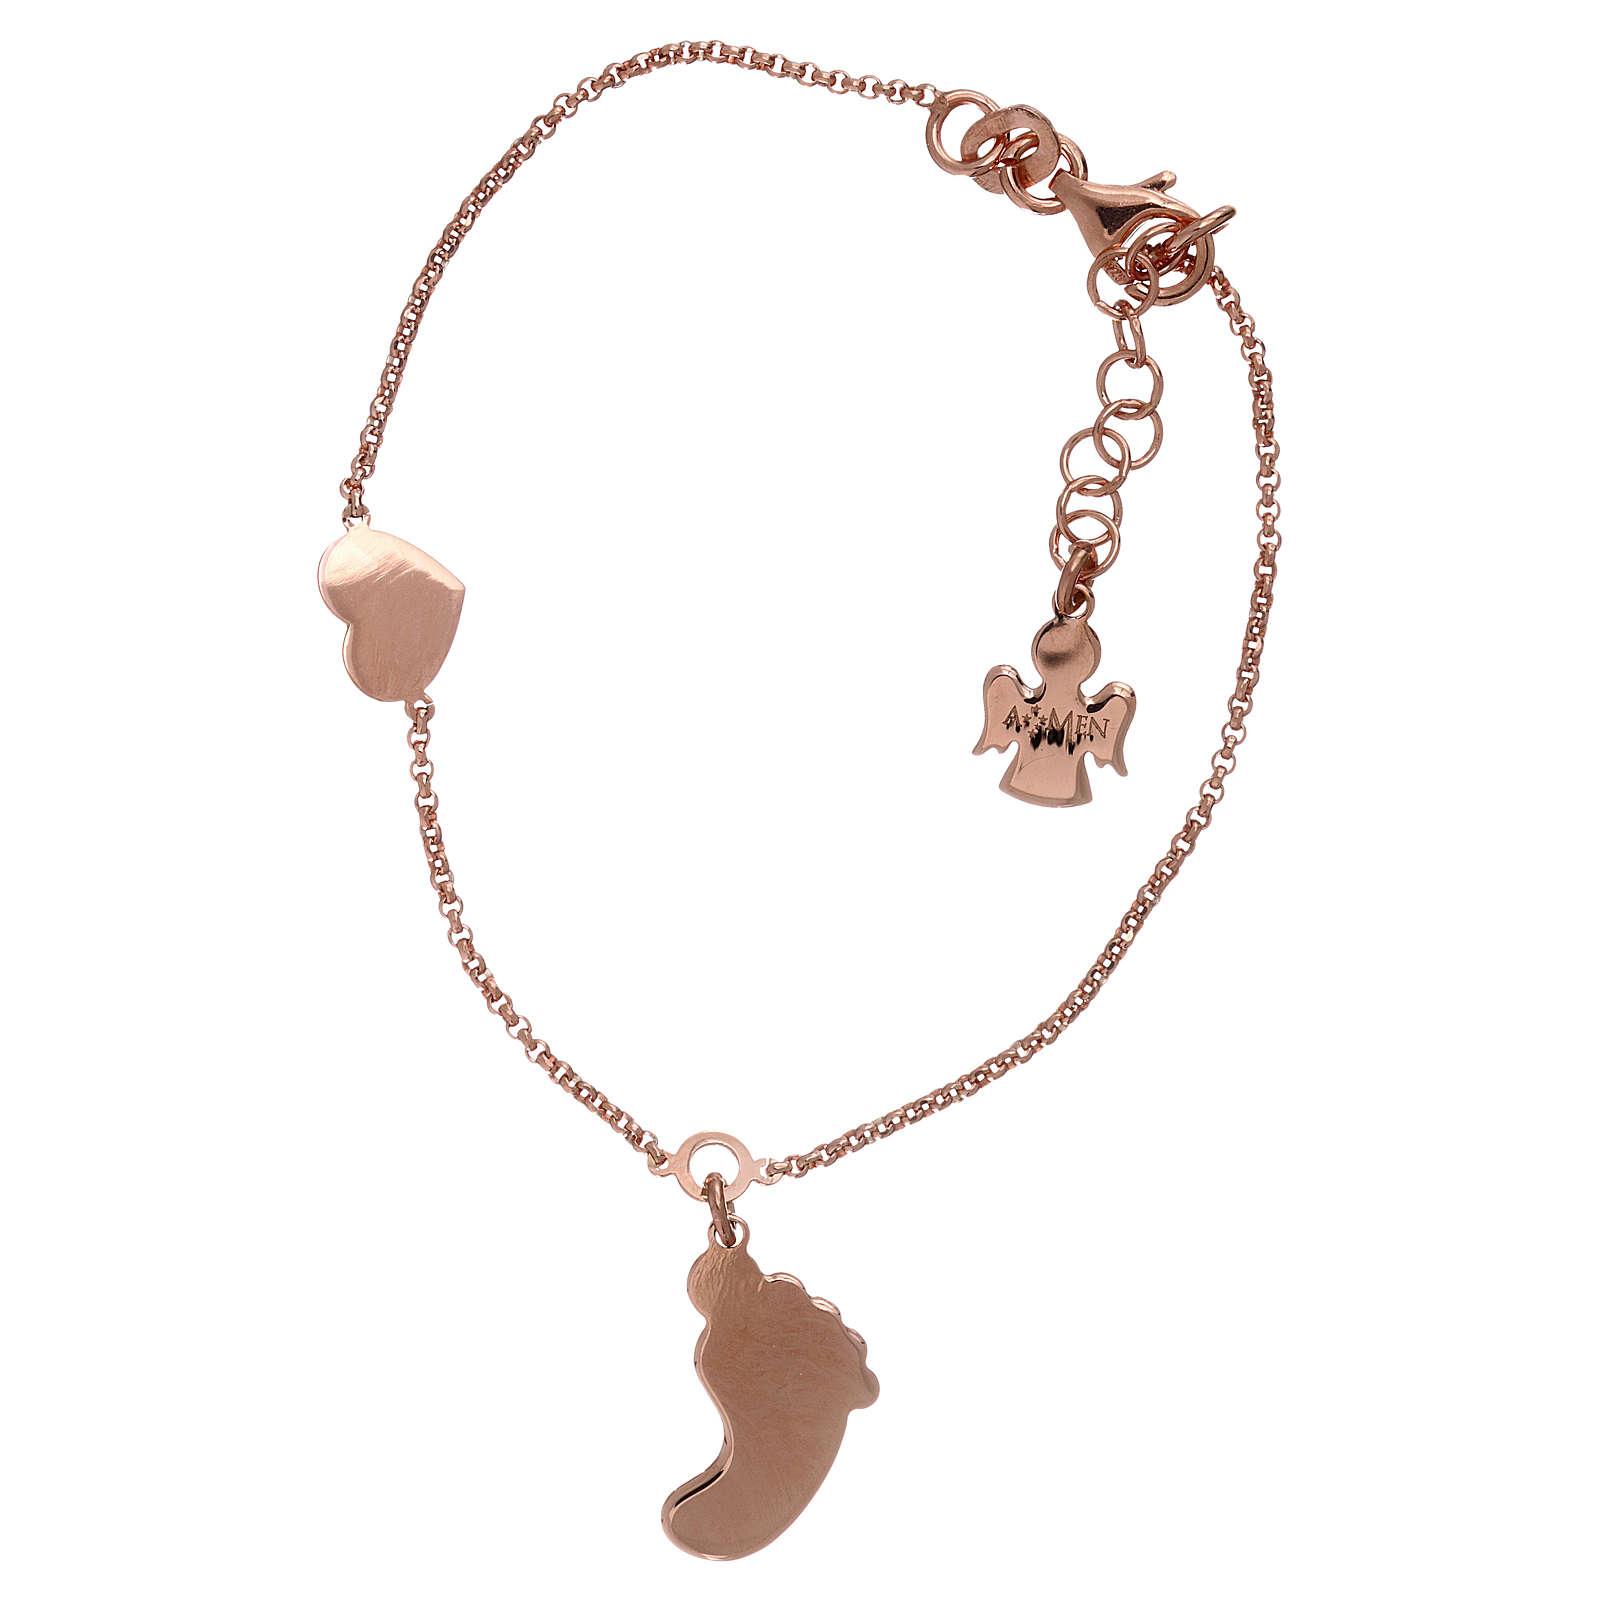 Bracelet AMEN argent 925 rosé avec pendentif en forme de pied et coeur 4